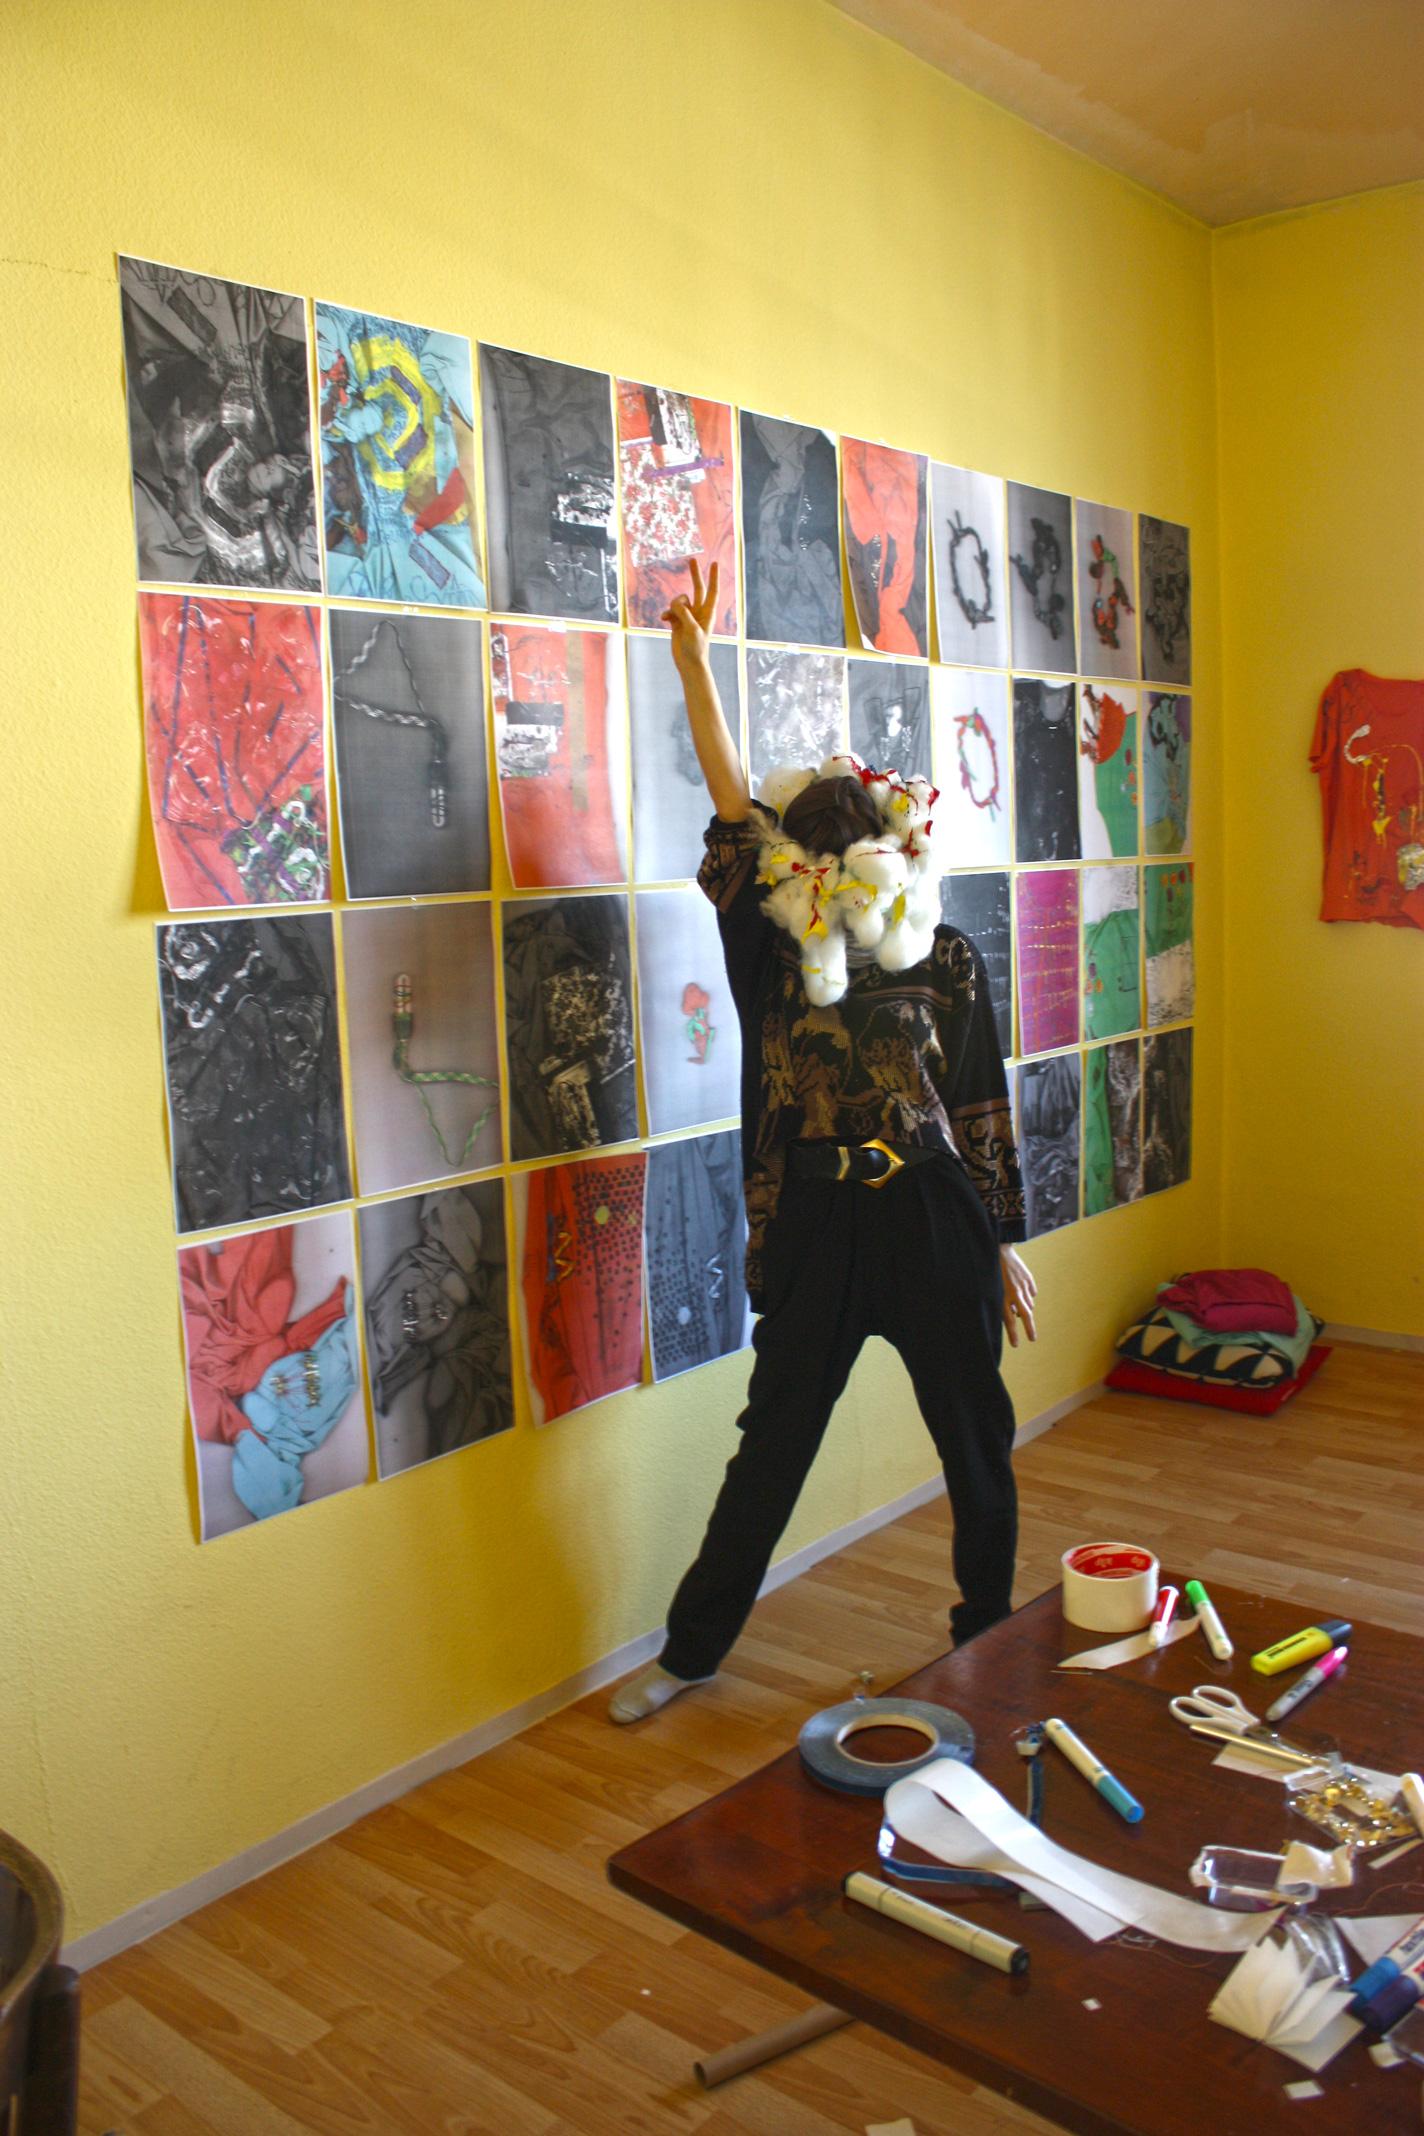 gerrit_schweiger-Rummel-2030-Zukunft-Kinder-Kreativität-Mode-Workshop-Modenschau-Ausstellung-05